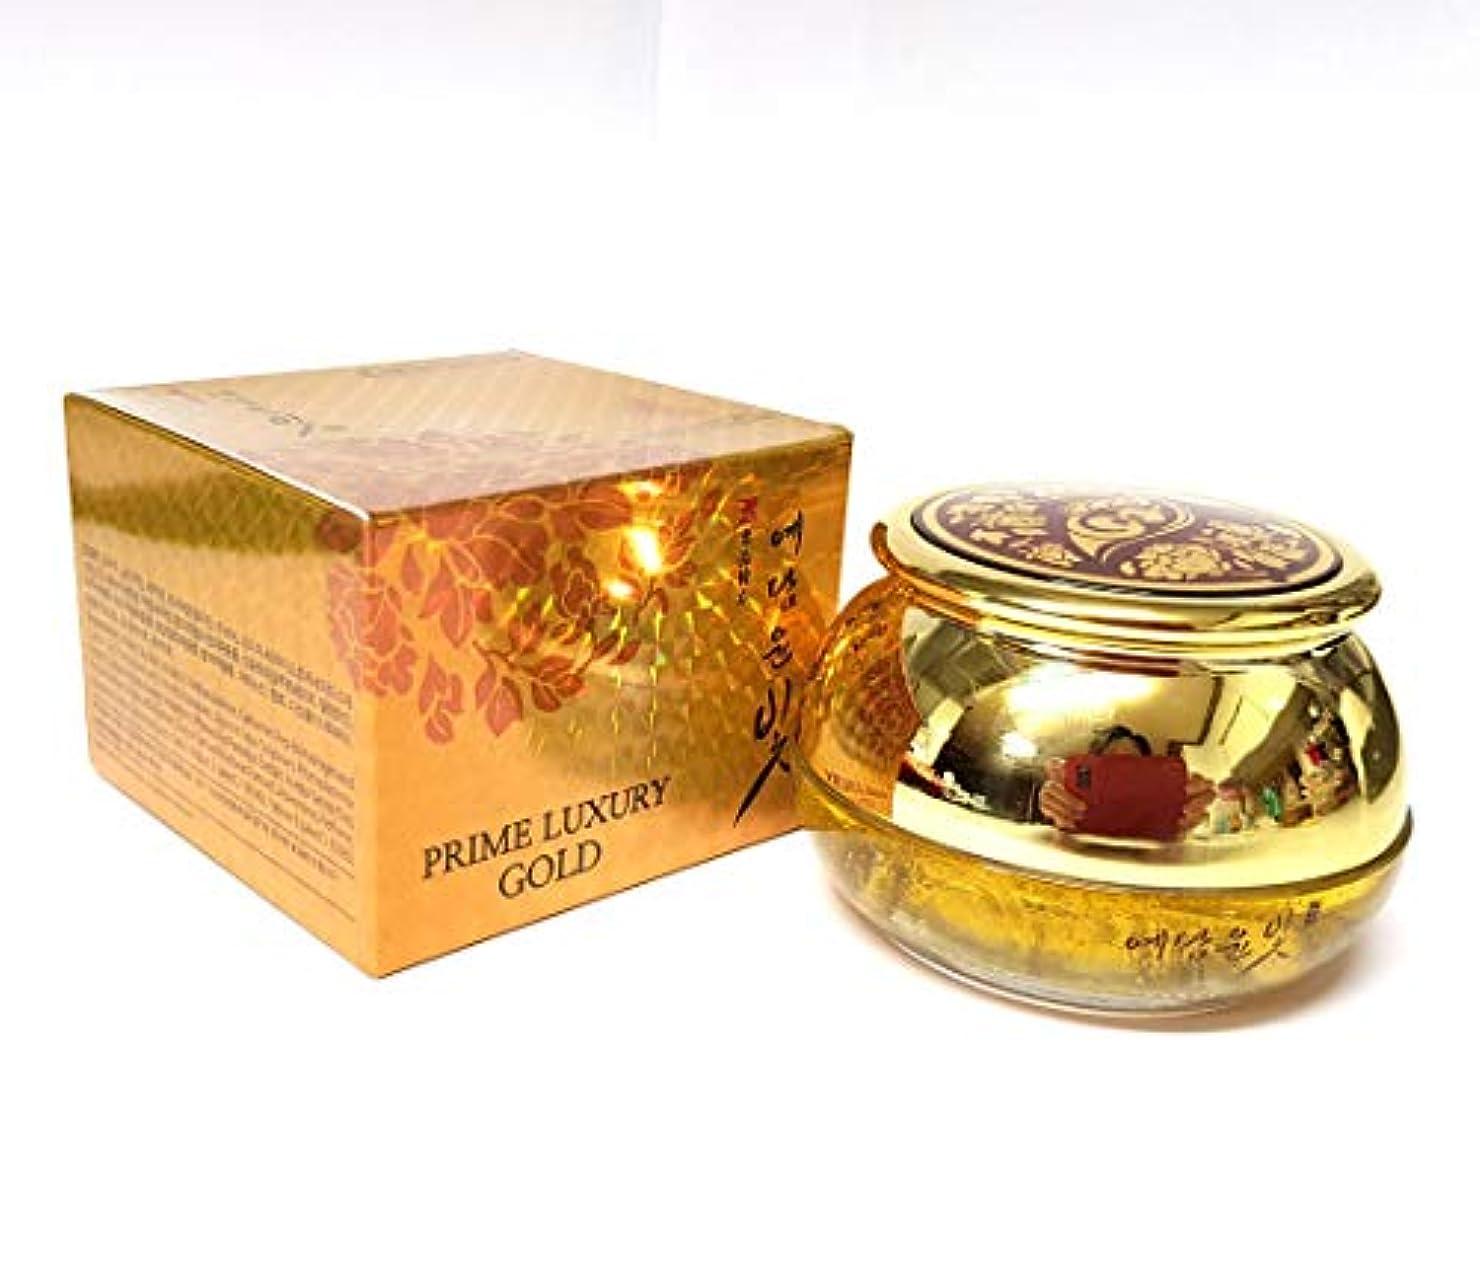 謝罪寝室提出する[YEDAM YUNBIT] プライムラグジュアリーゴールドリフティングクリーム50g/ Prime Luxury Gold Lifting Cream 50g /ゴールドエキス/gold extract/しわ改善、保湿...